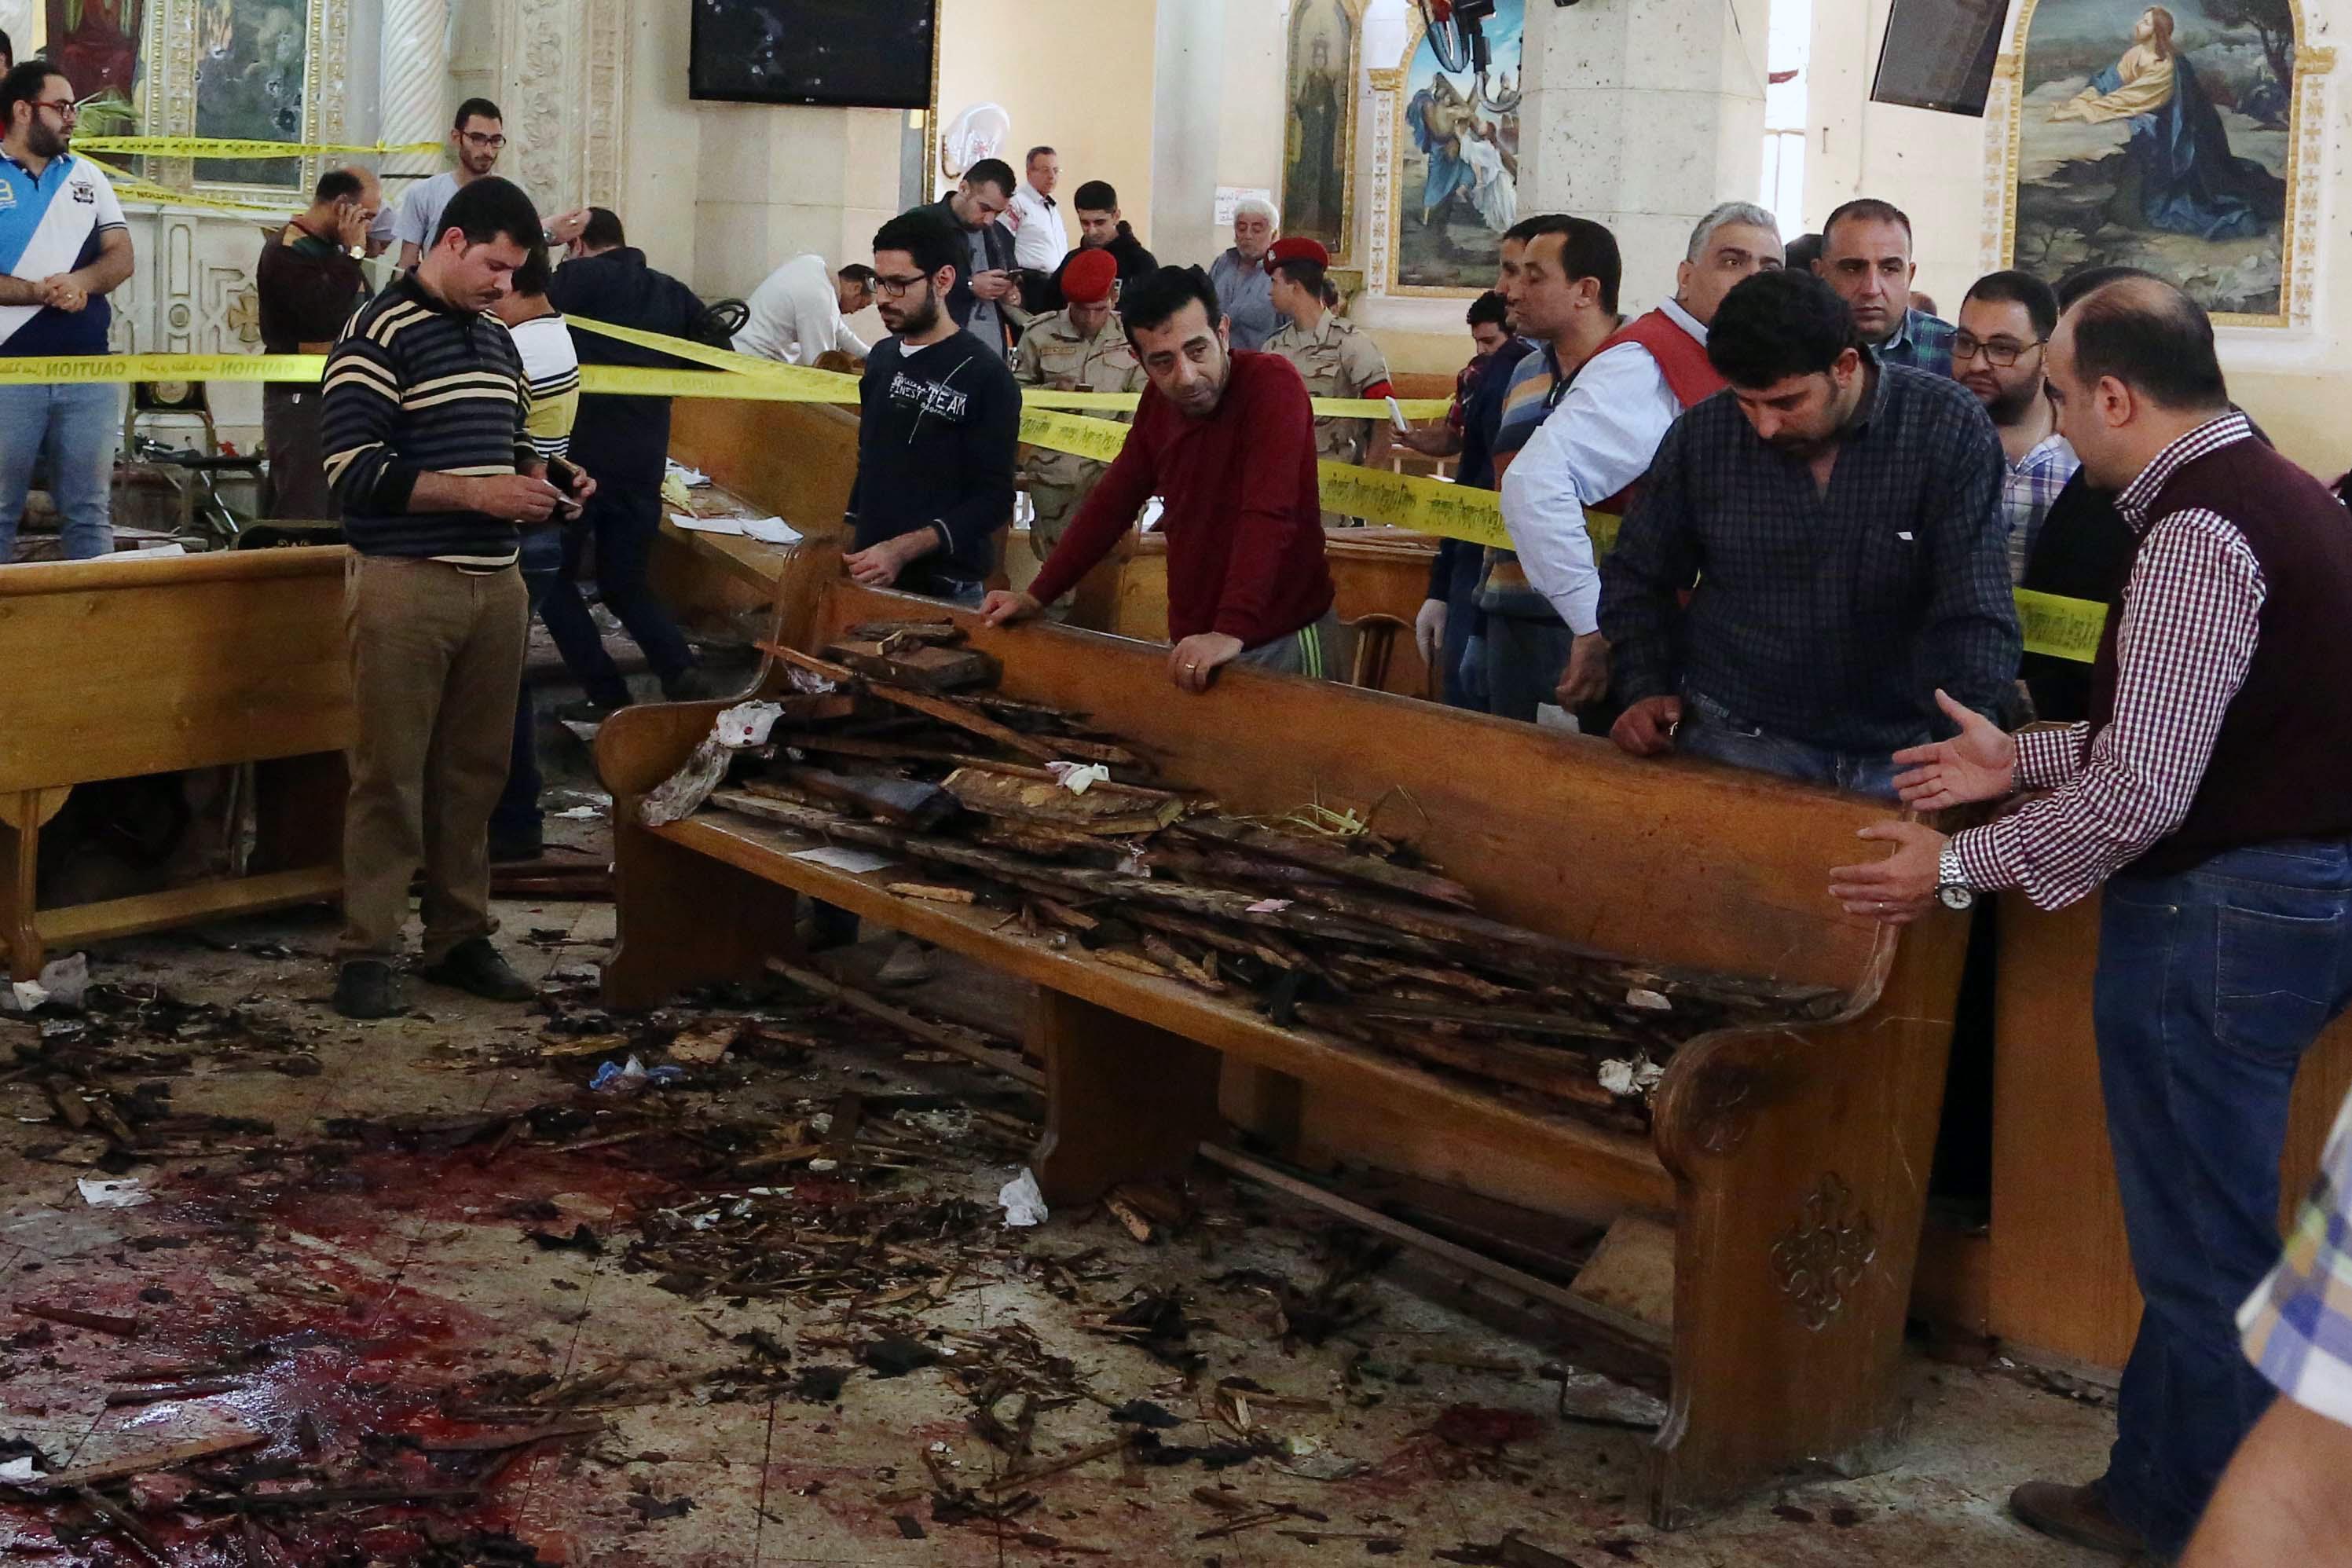 مواطنون يتفقدون آثار الدمار بعد تفجير استهدف كنيسة في طنطا الأحد